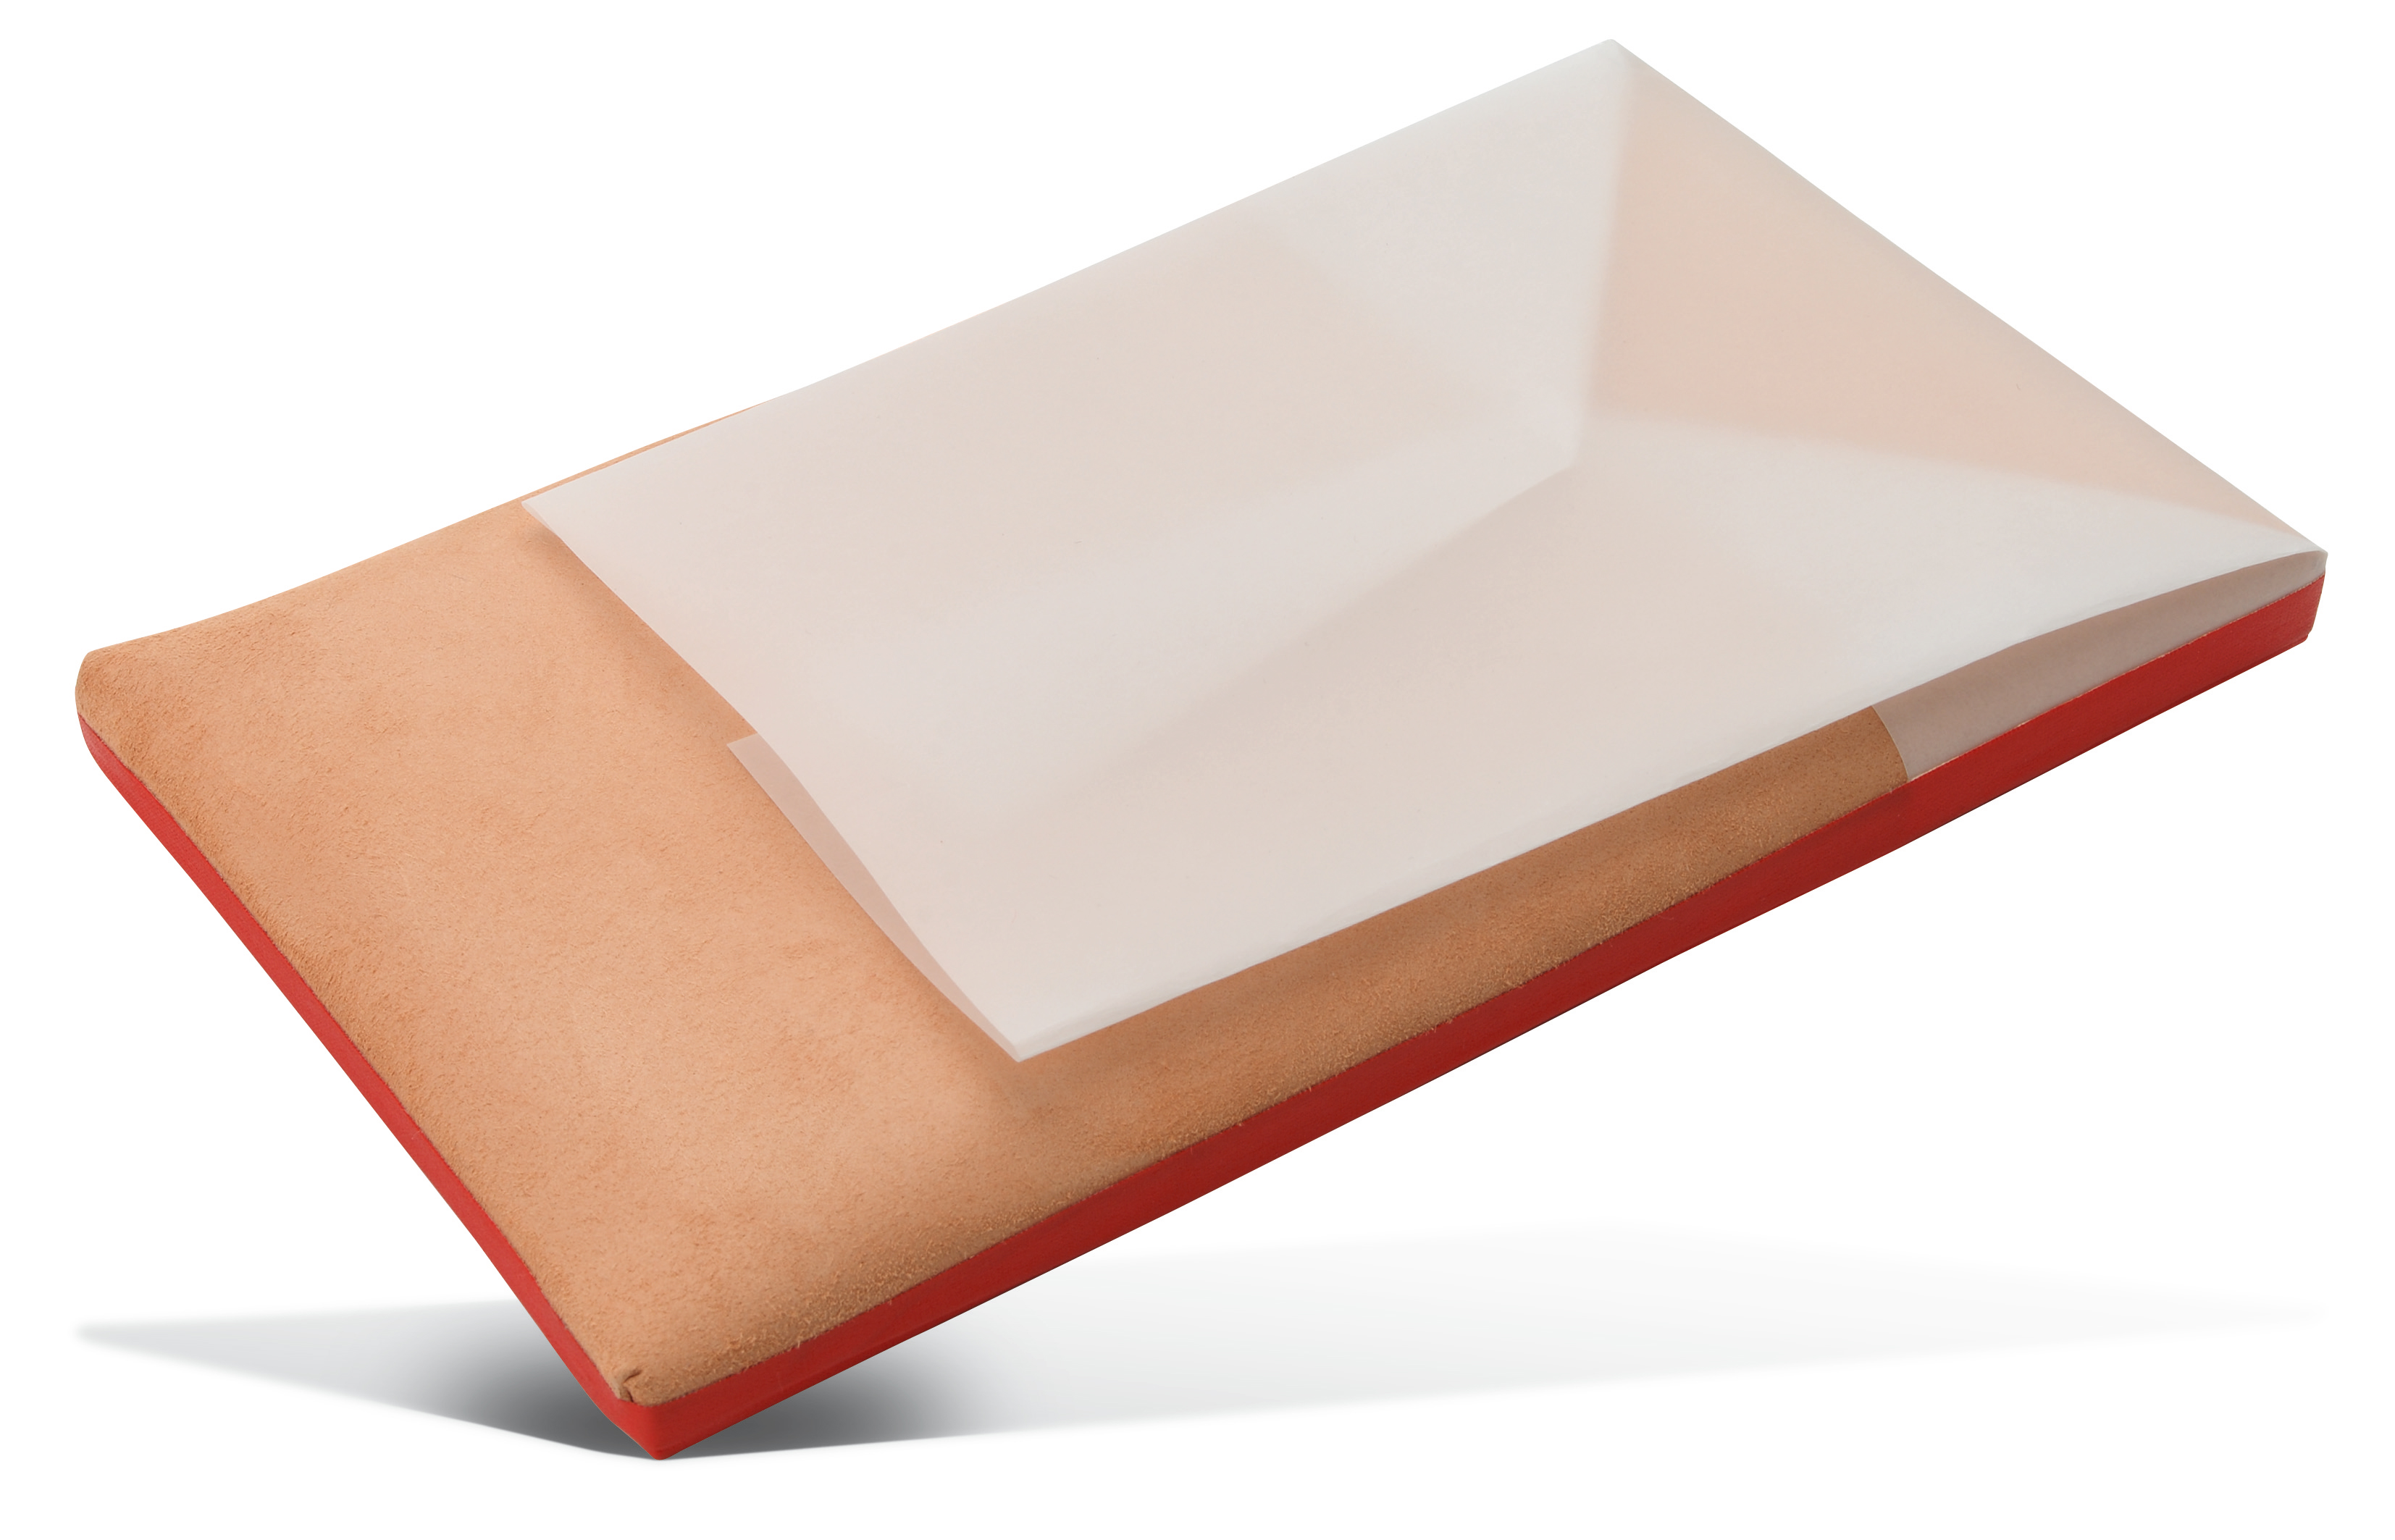 Gilder cushion Pajarito